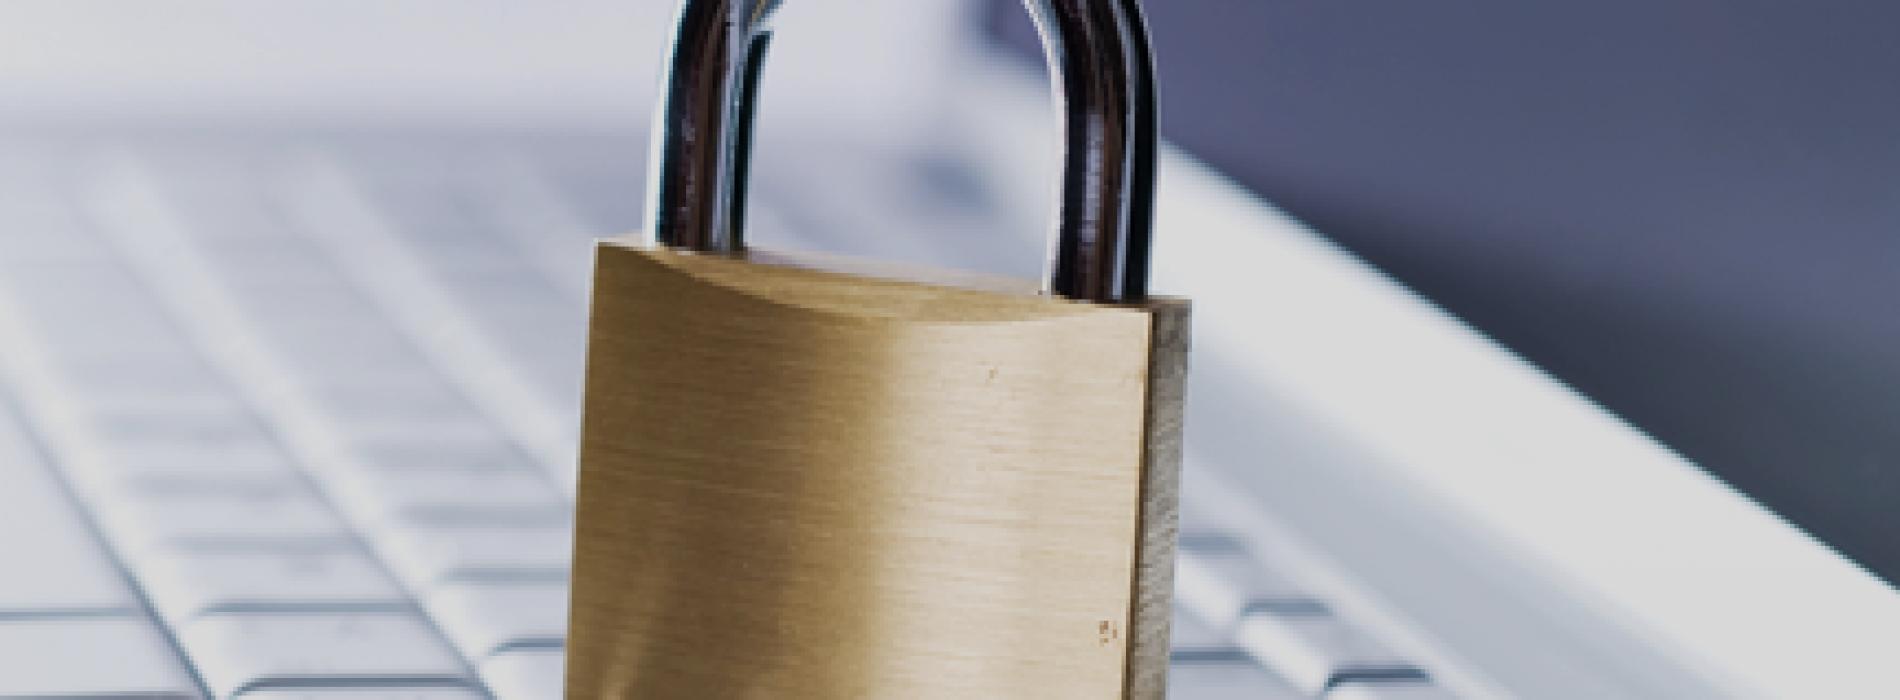 Przedsiębiorcy myślą zbyt późno o ochronie poufnych informacji